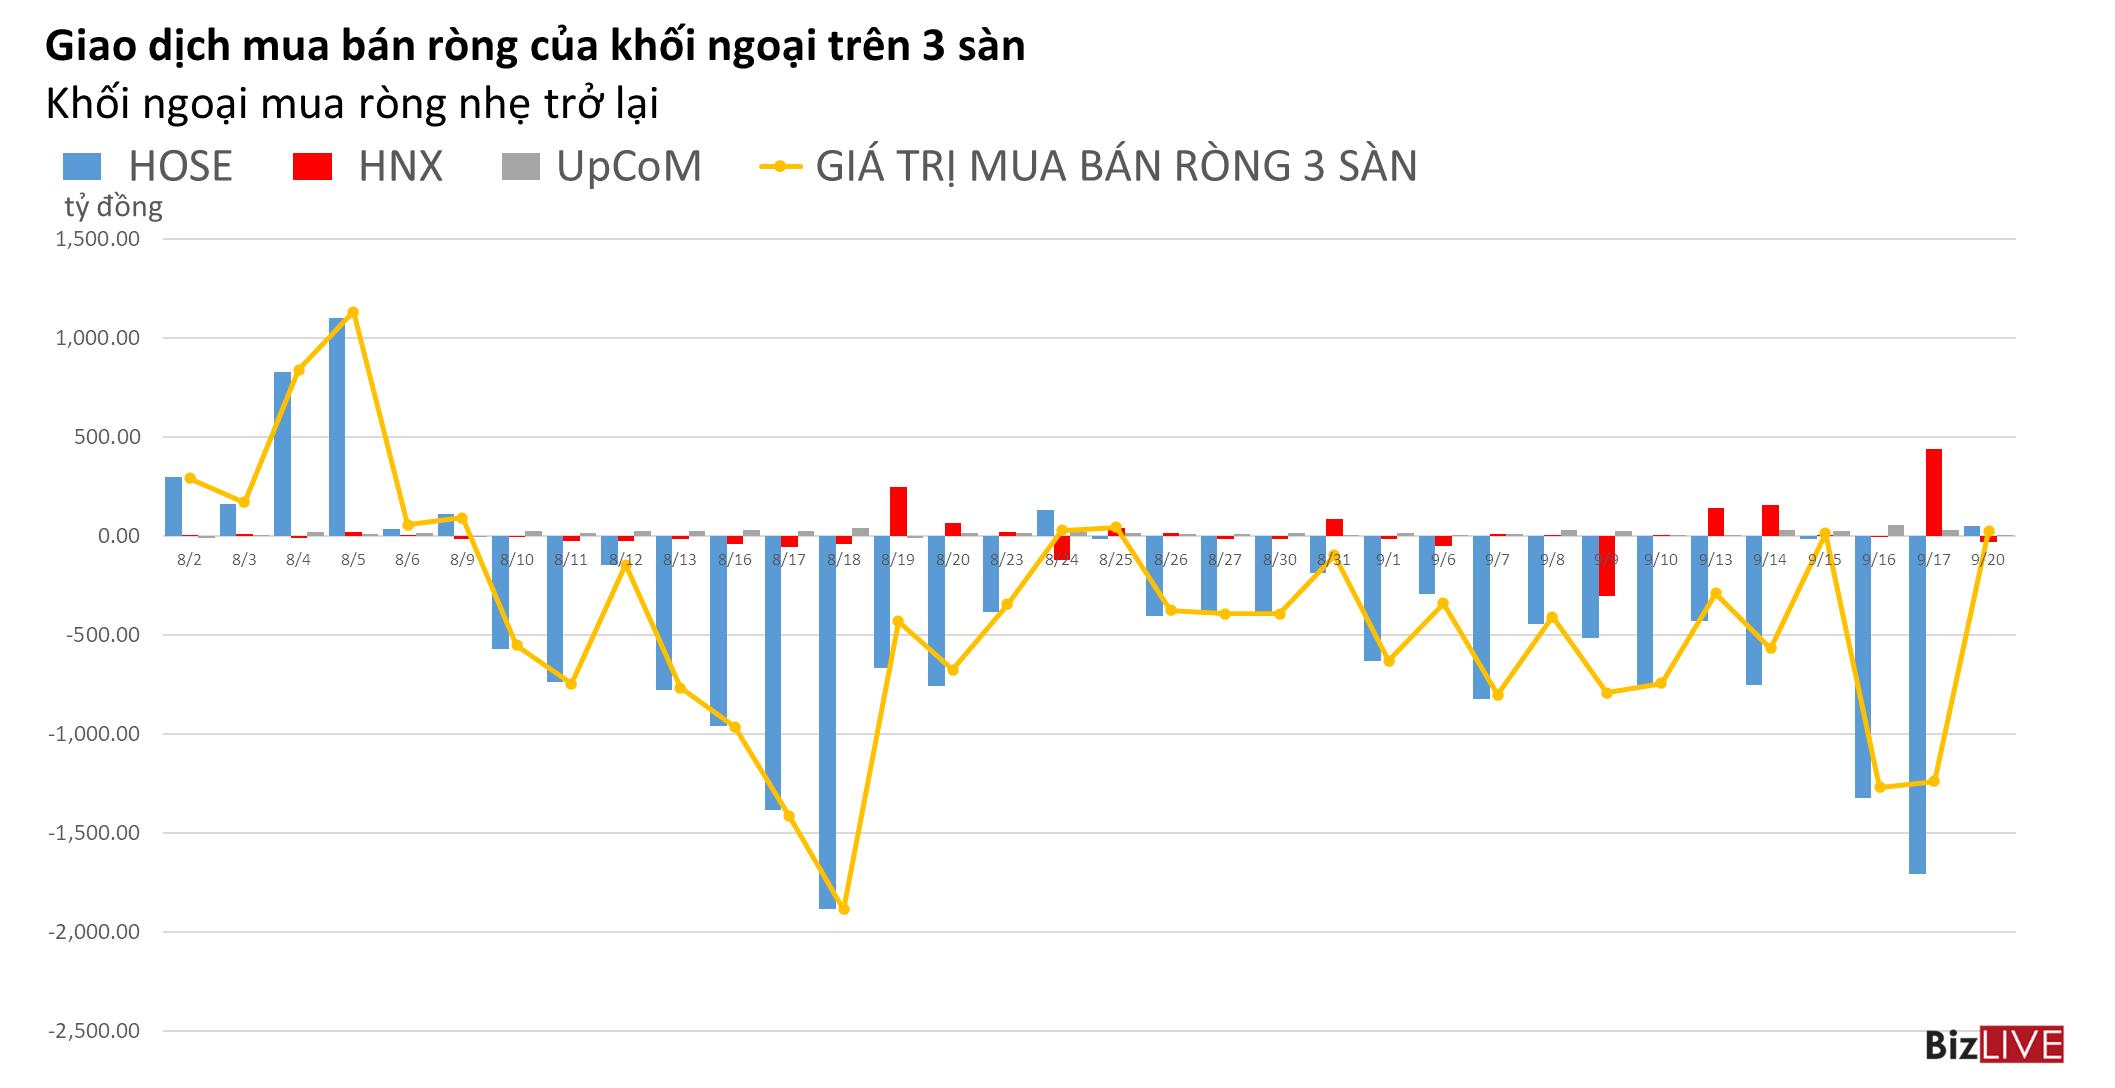 Phiên 20/9: Khối ngoại trở lại mua ròng trên 3 sàn, VIC bị bán về sát mức thấp nhất năm 2021